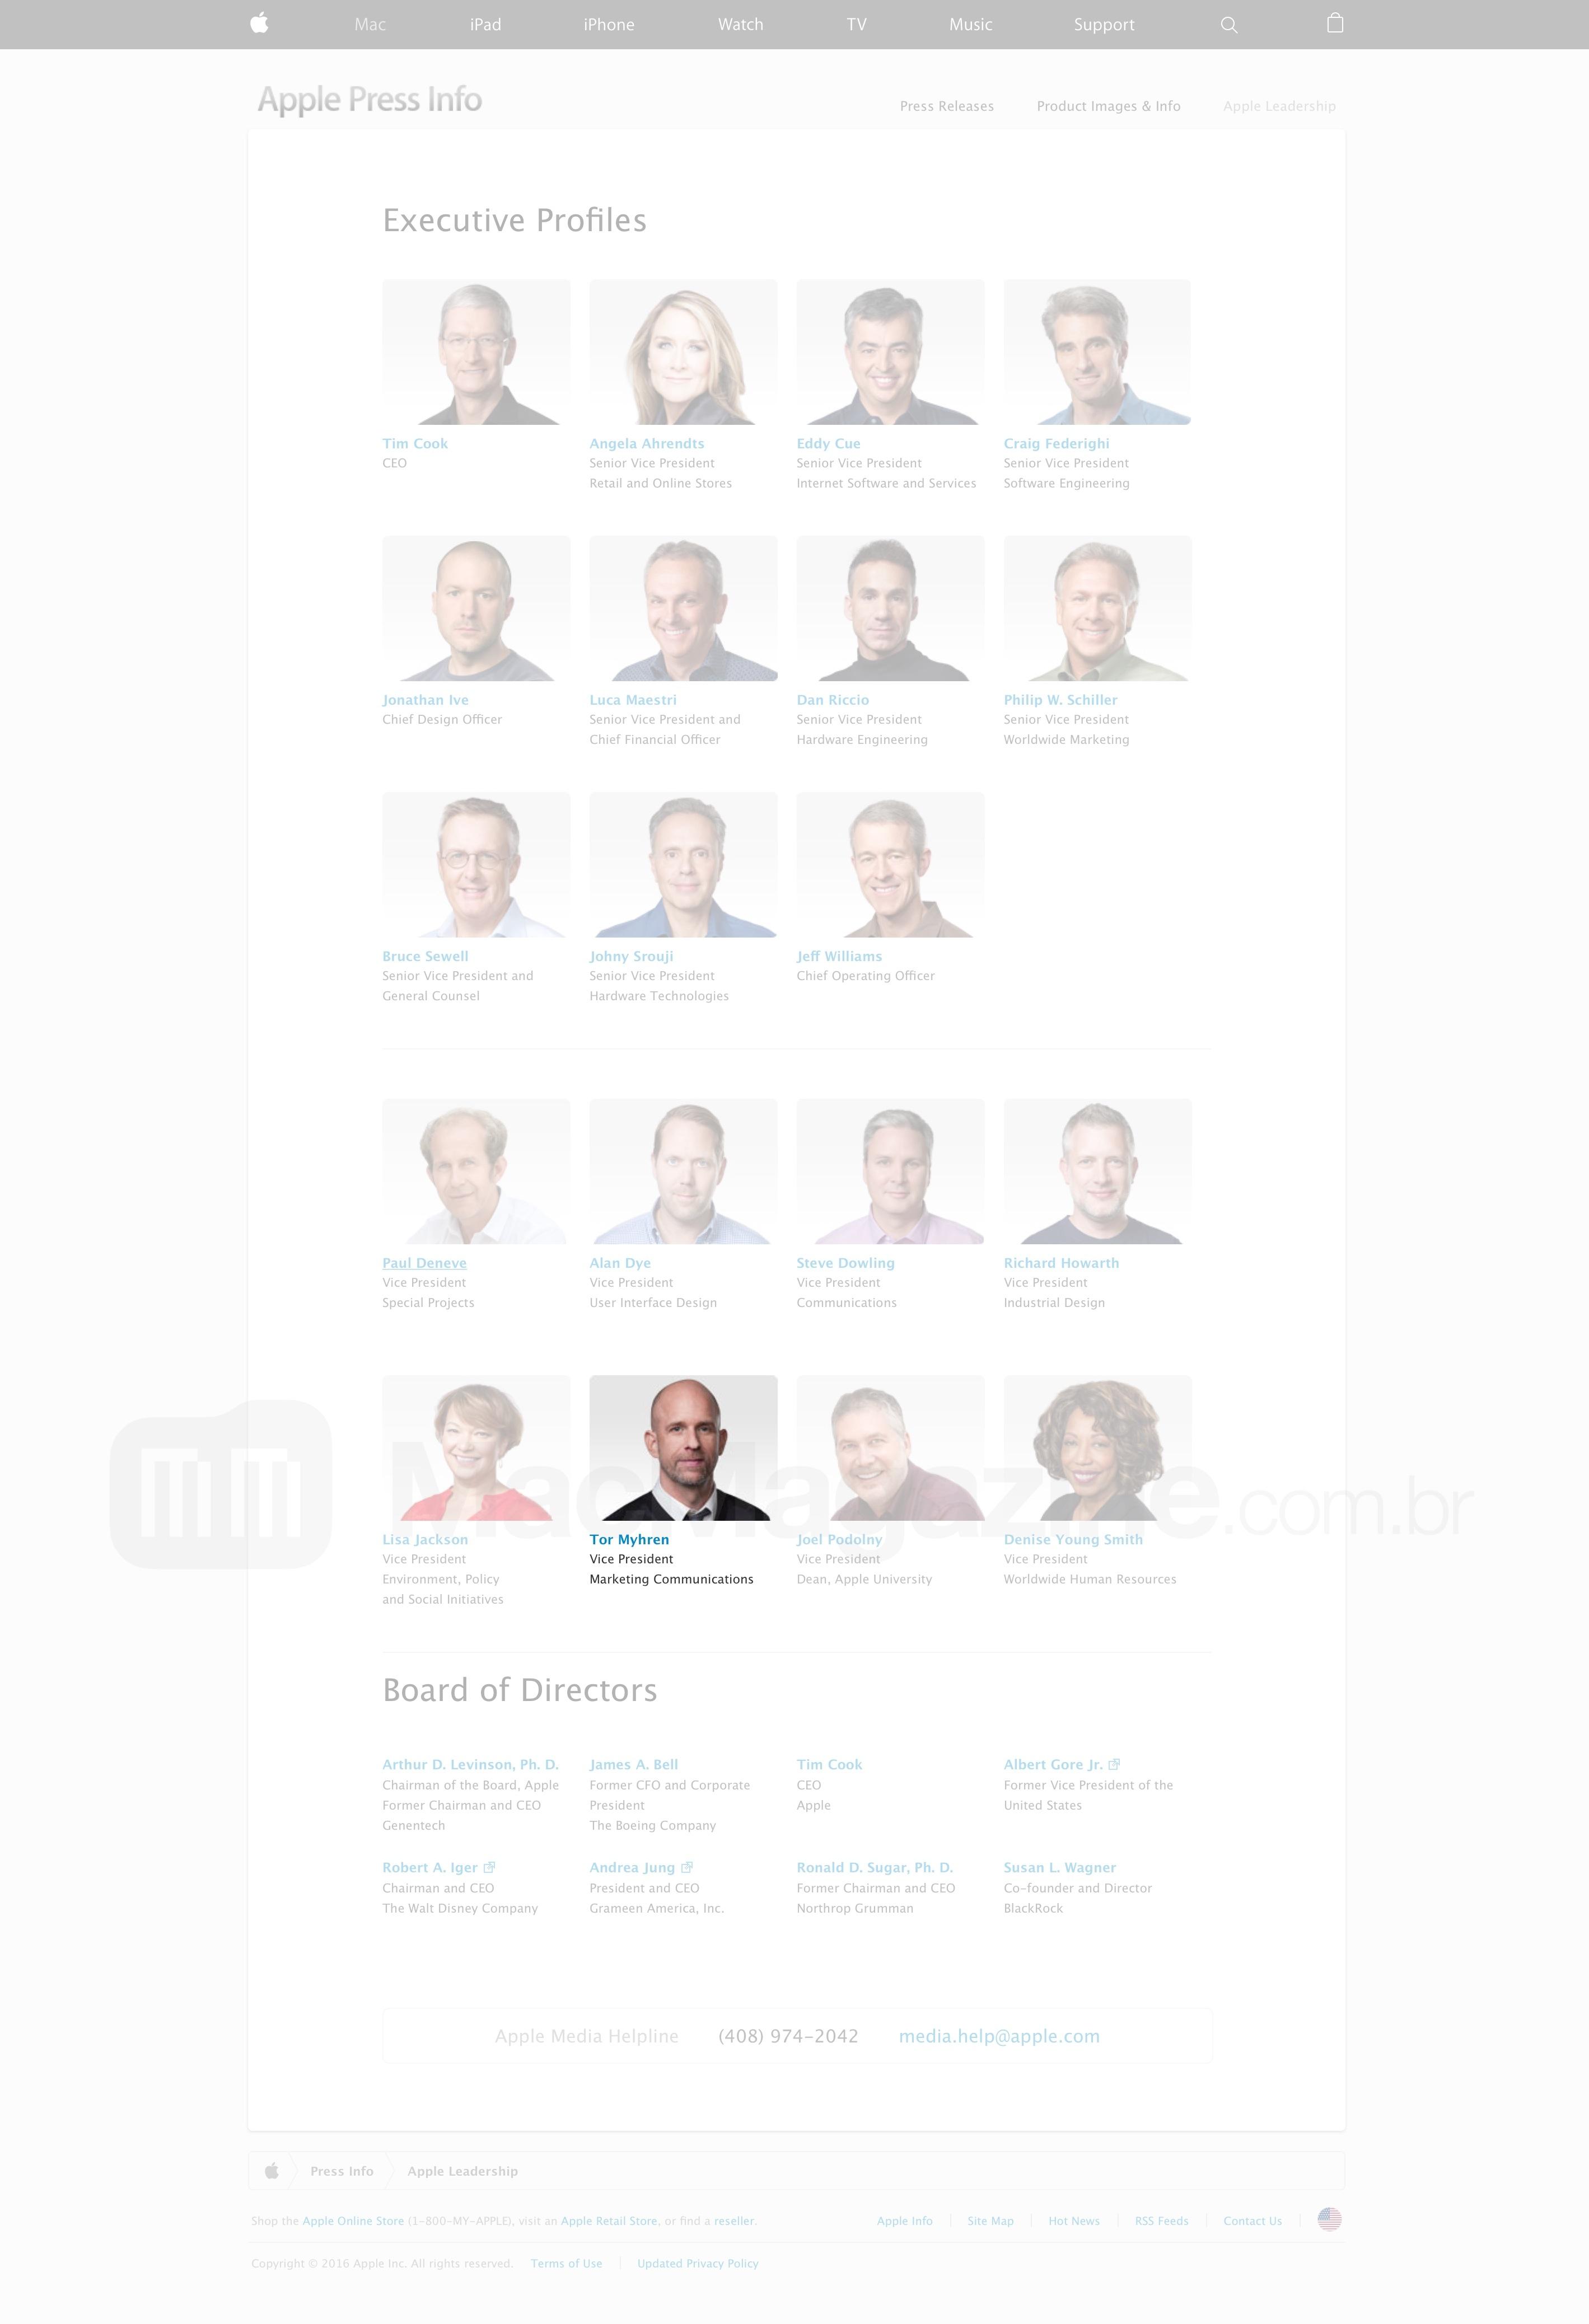 Tor Myhren na página de executivos da Apple